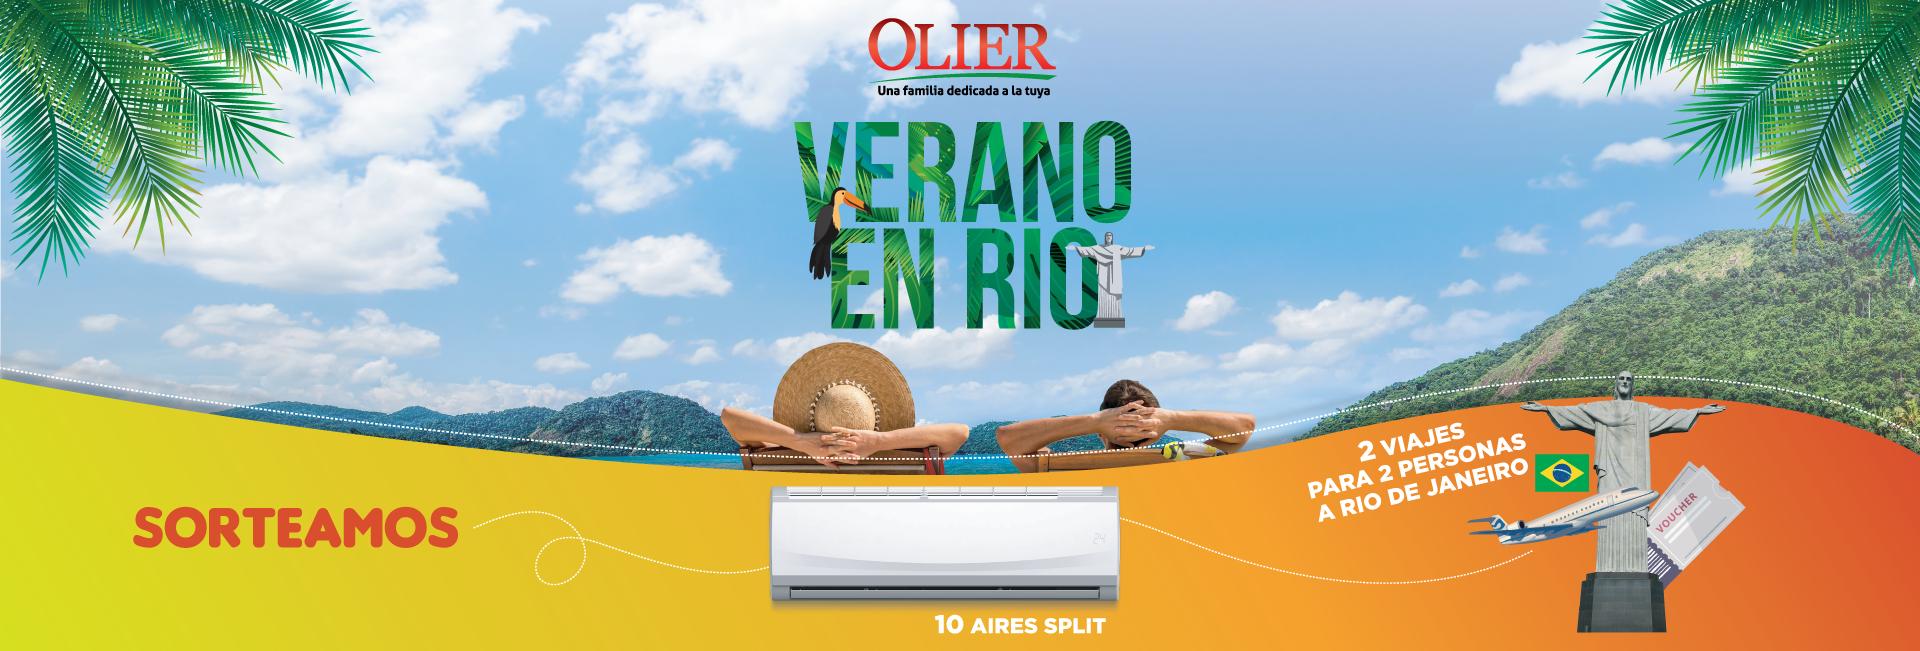 Verano en Río